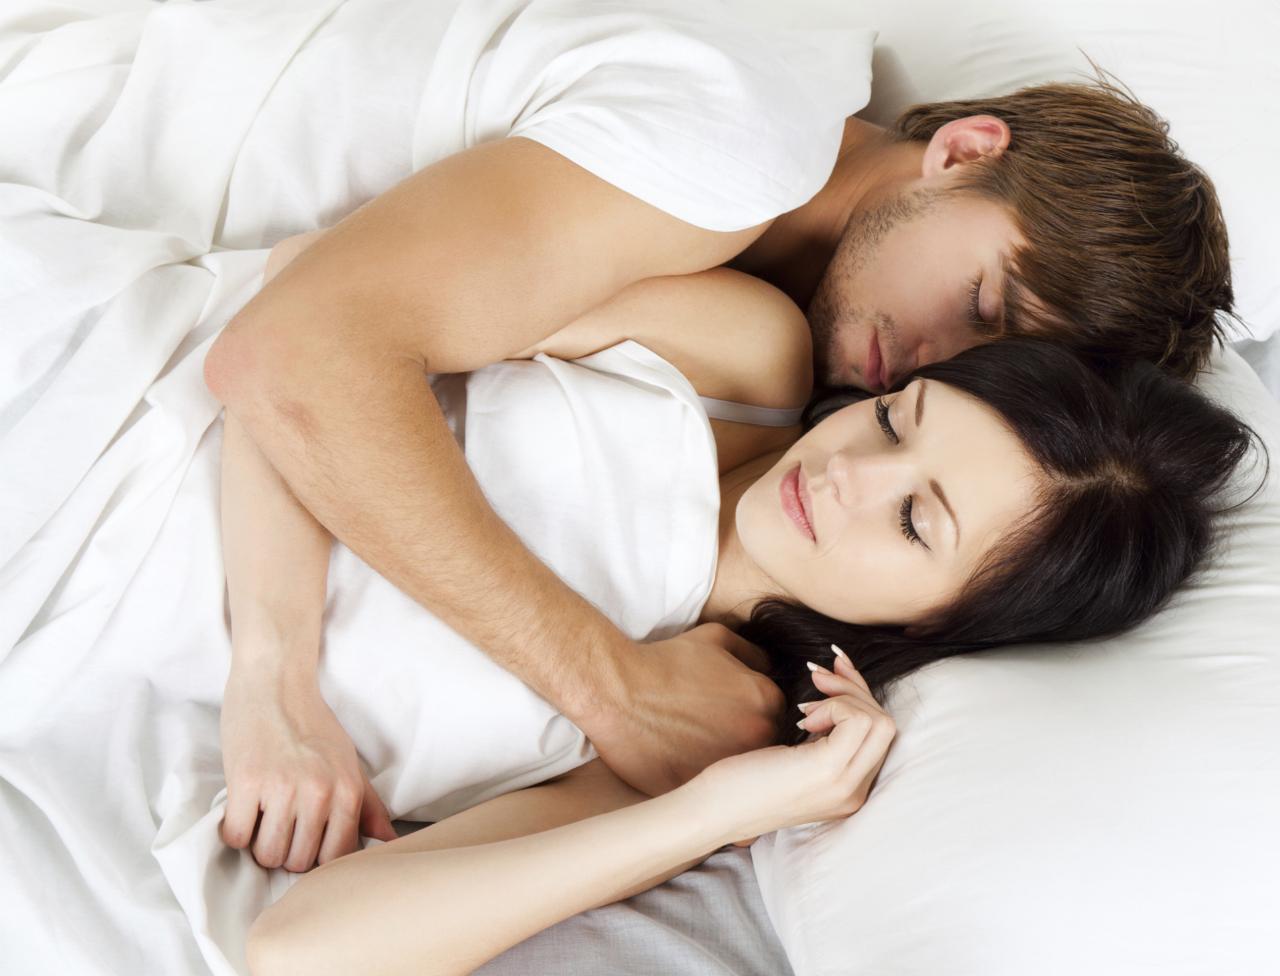 colle-serre-dos-a-dos-votre-position-au-lit-en-dit-beaucoup-sur-votre-couple